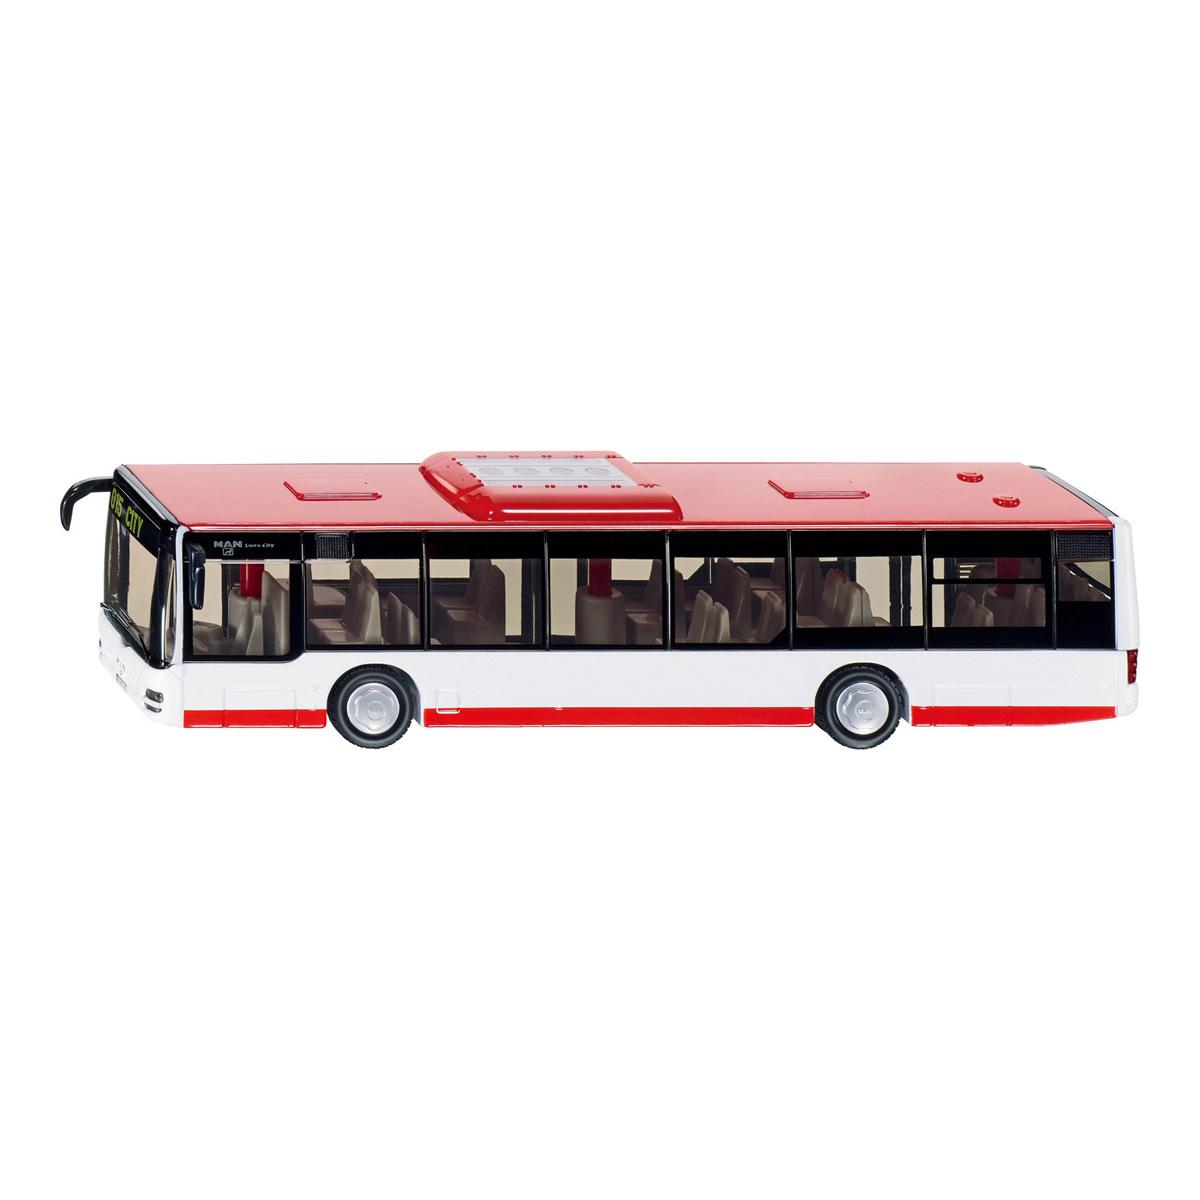 MAN 路線バス  1:50(ジク・SIKU)